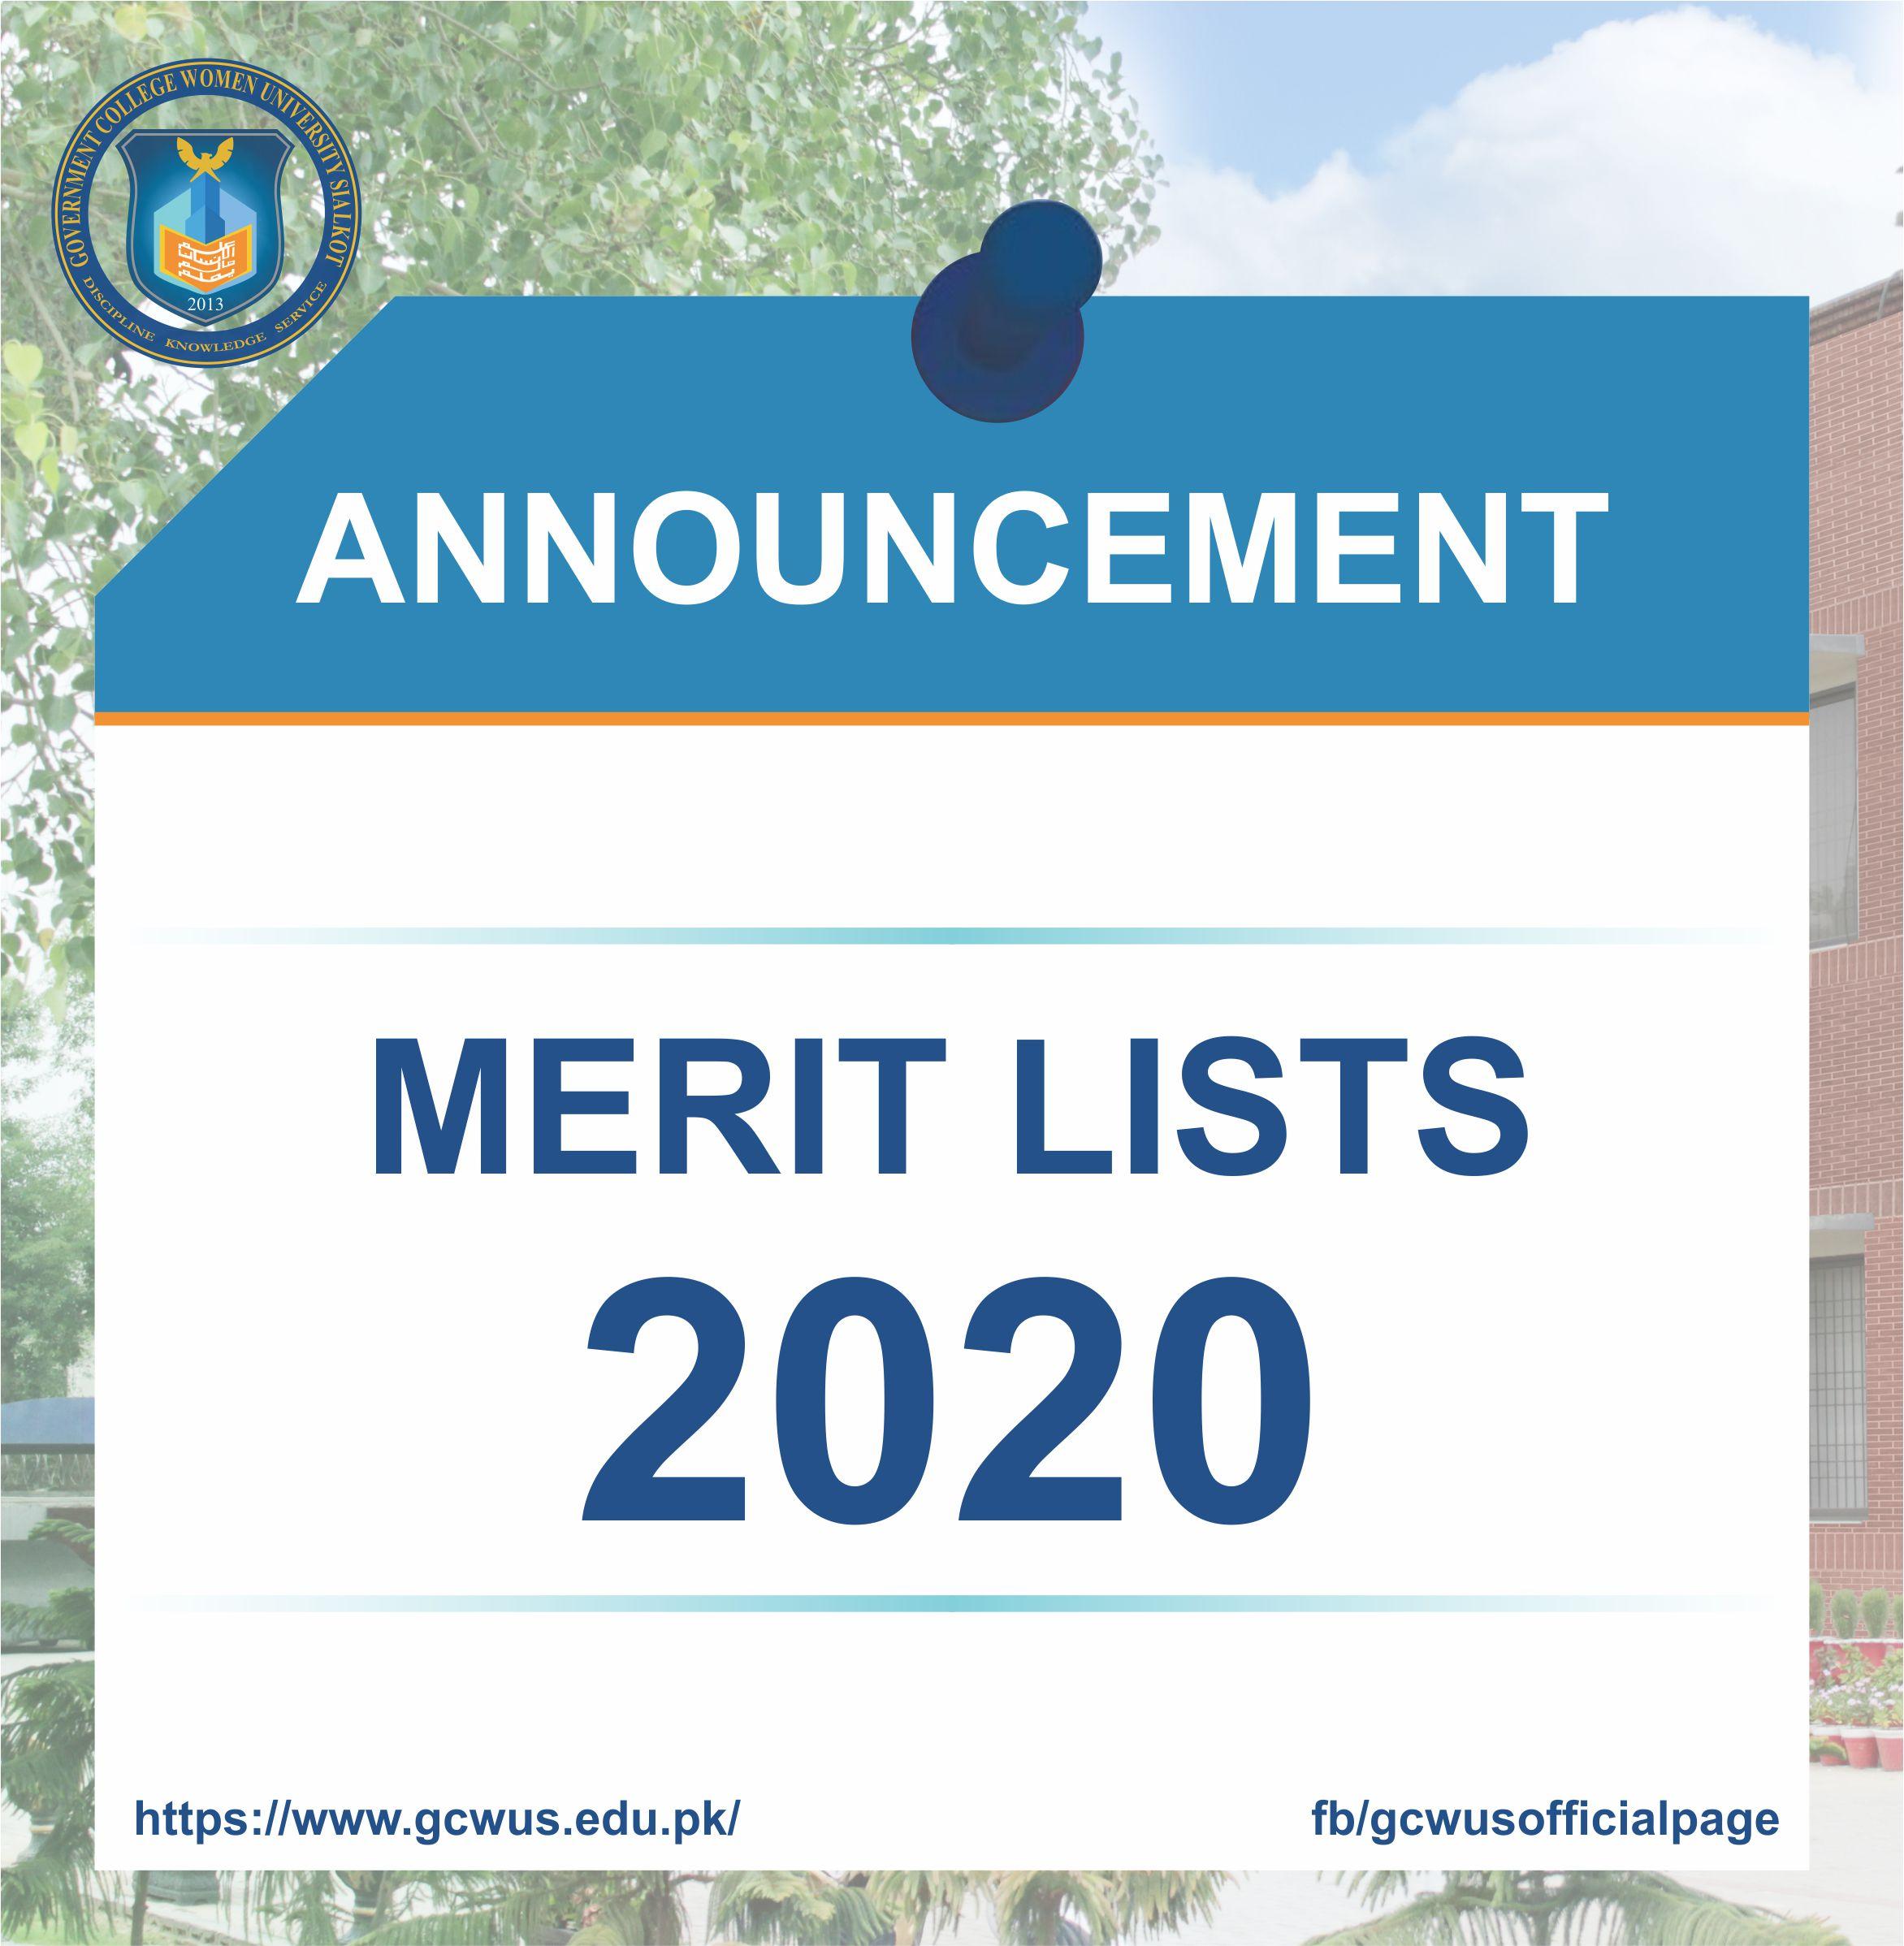 merit list 2020